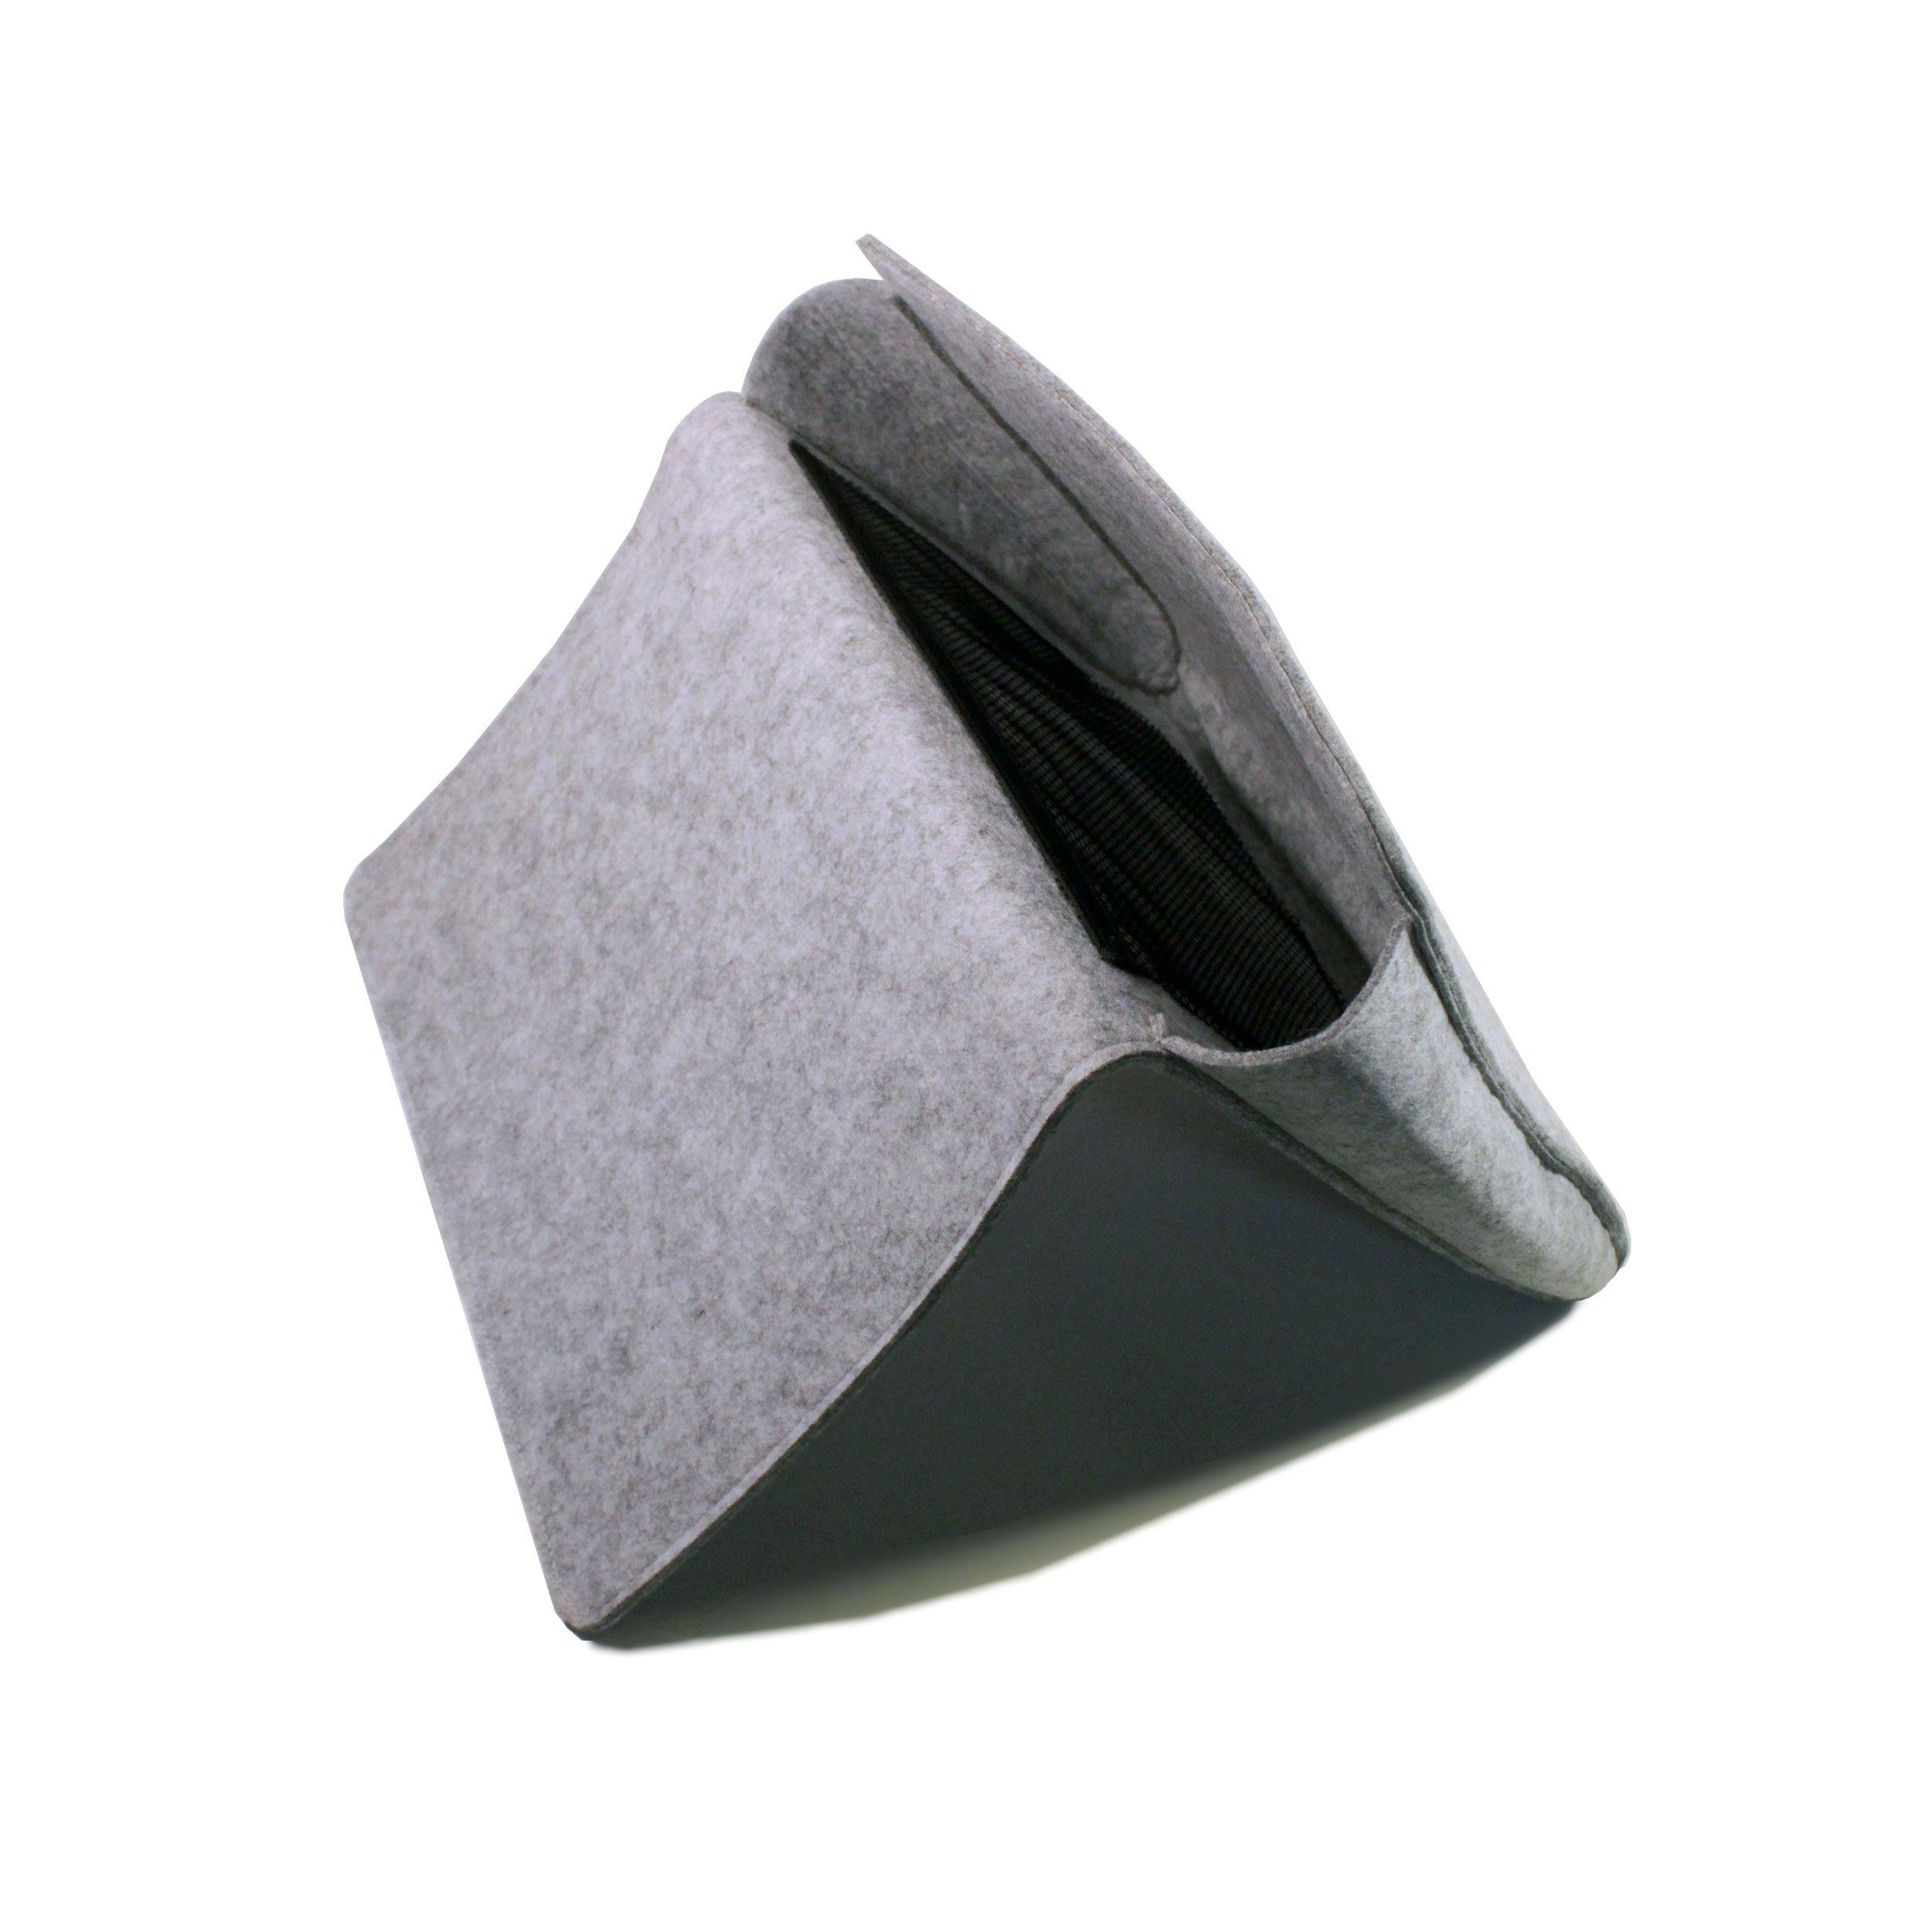 Prime Motif Gray Bedside Caddy with Extra Pockets - 1 Large Pocket and 2 Mesh Pockets - Bedside Storage Organizer Modern Felt Magazine Holder - Simplistic Design Hang Bag for Books, Remote, Laptop